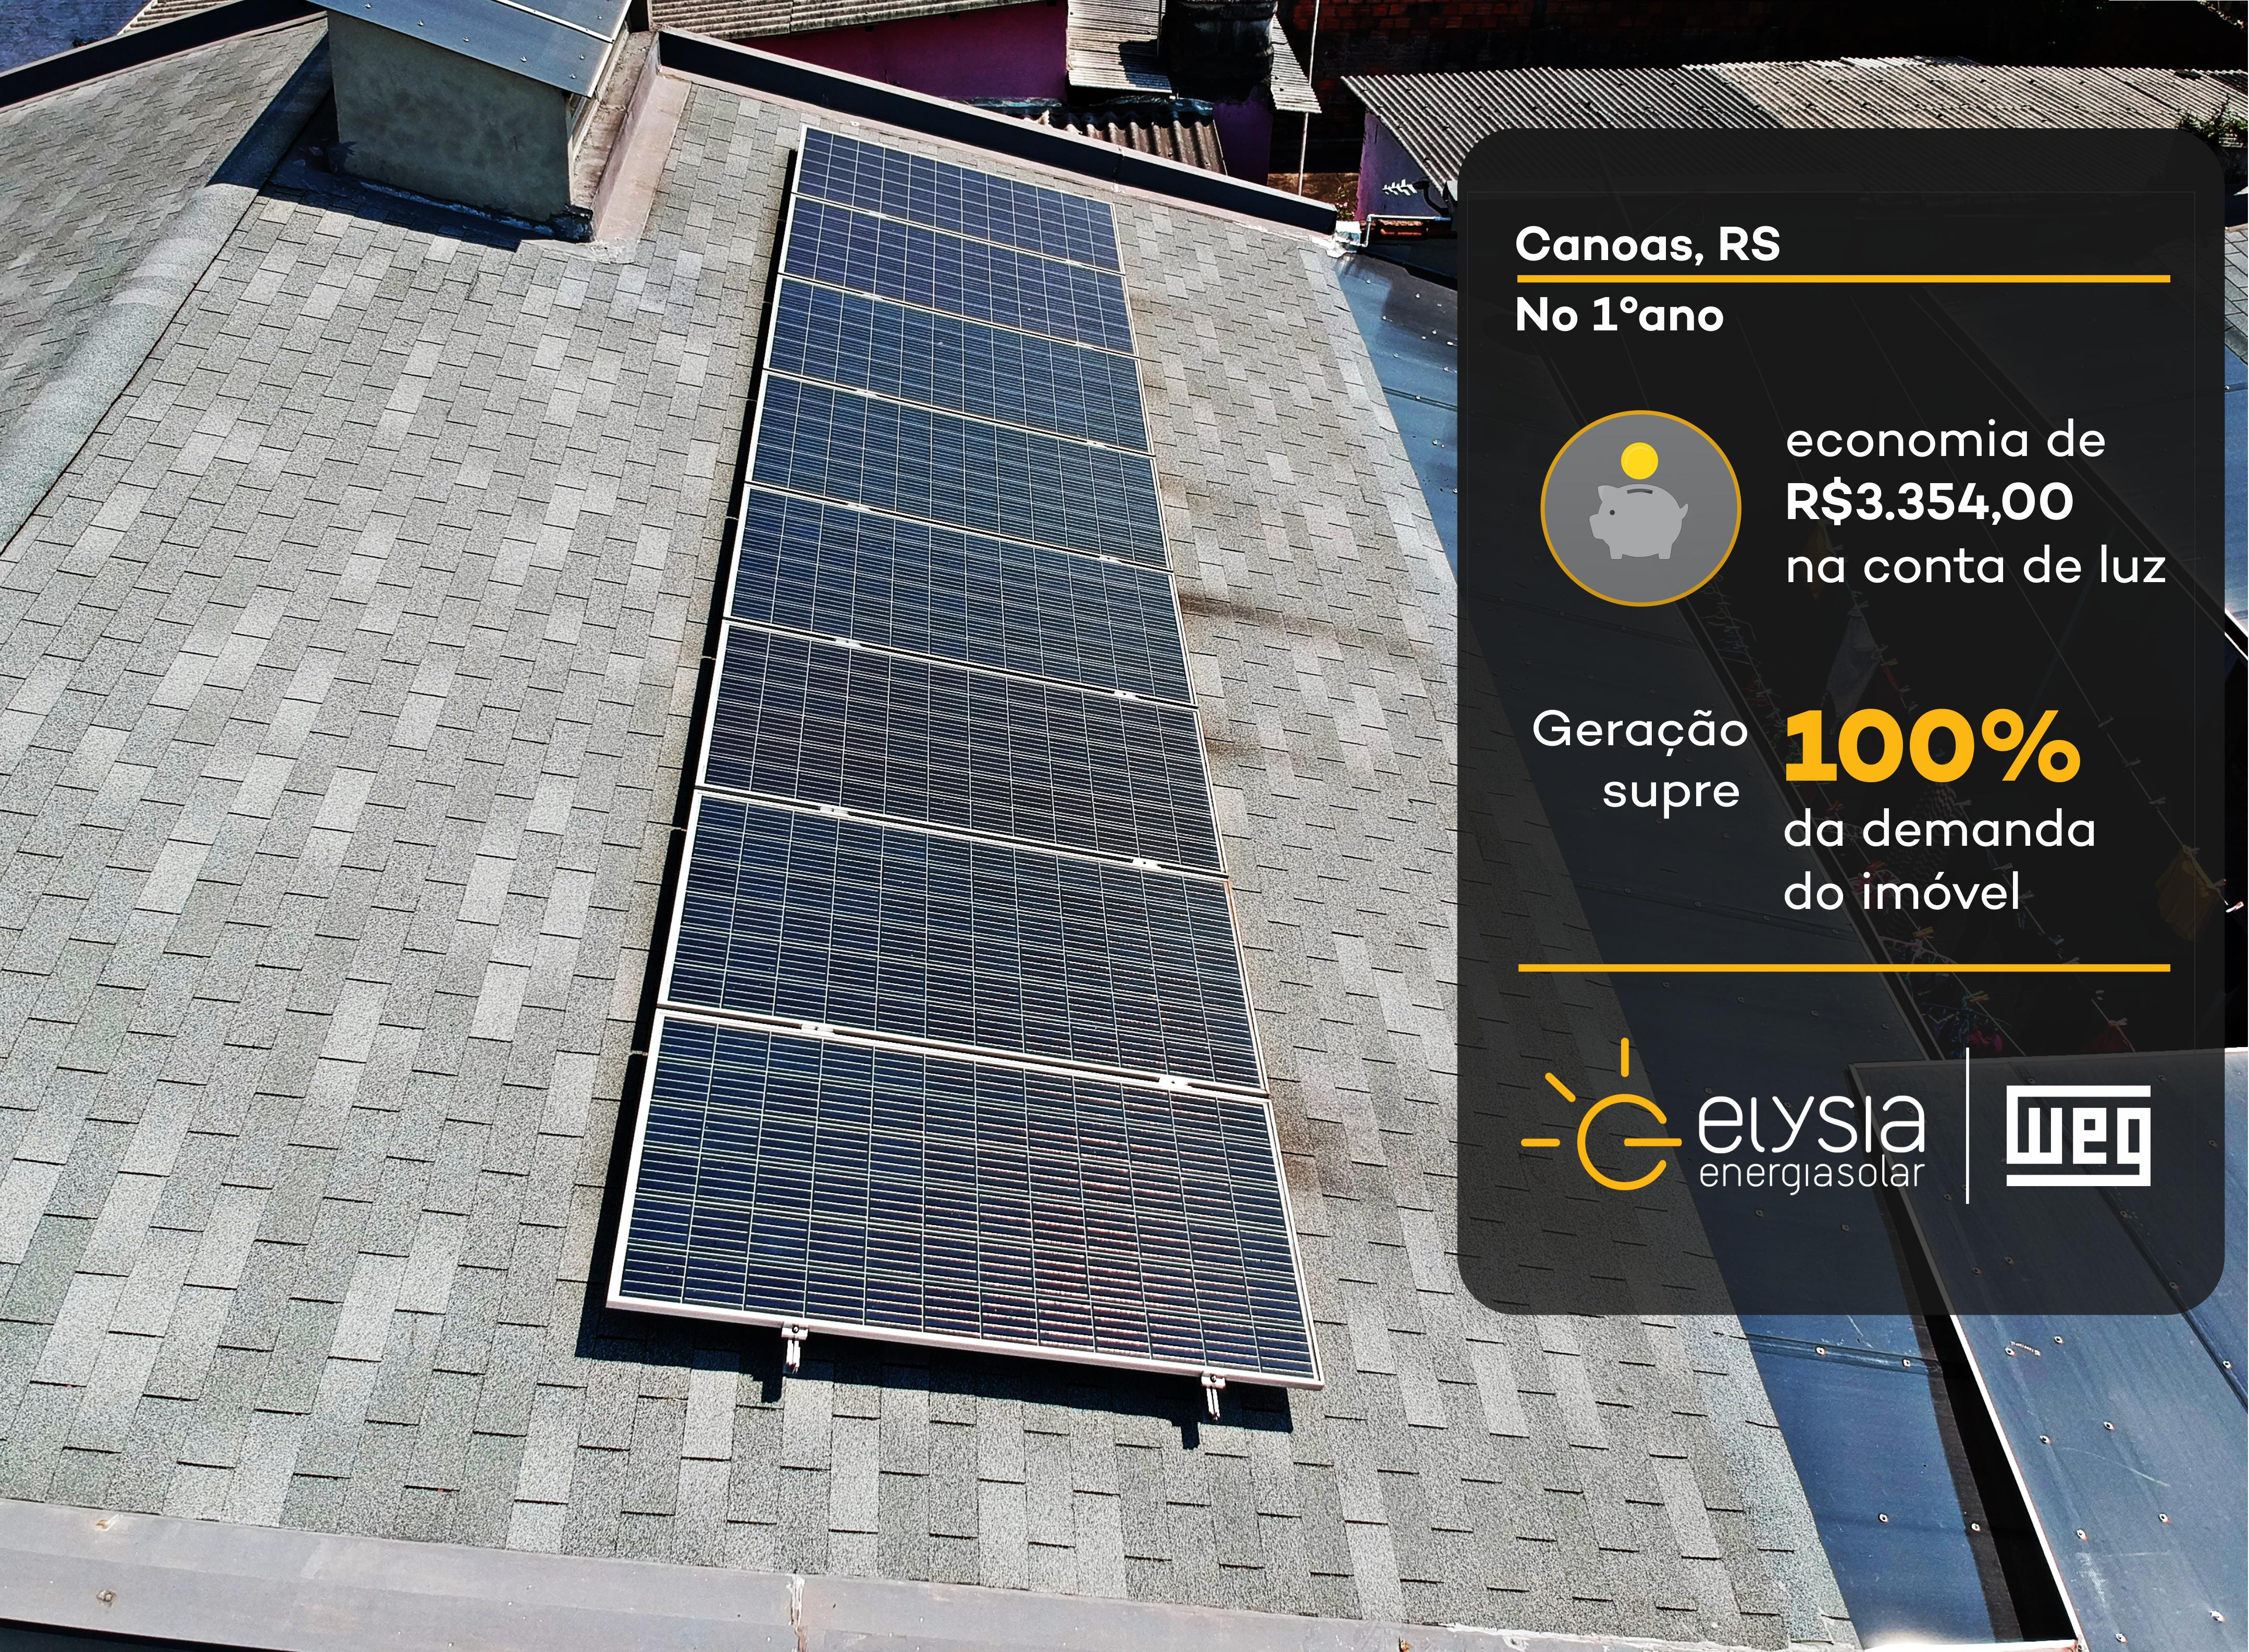 Projeto de energia fotovoltaica em Canoas - Elysia energia solar Rio Grande do Sul